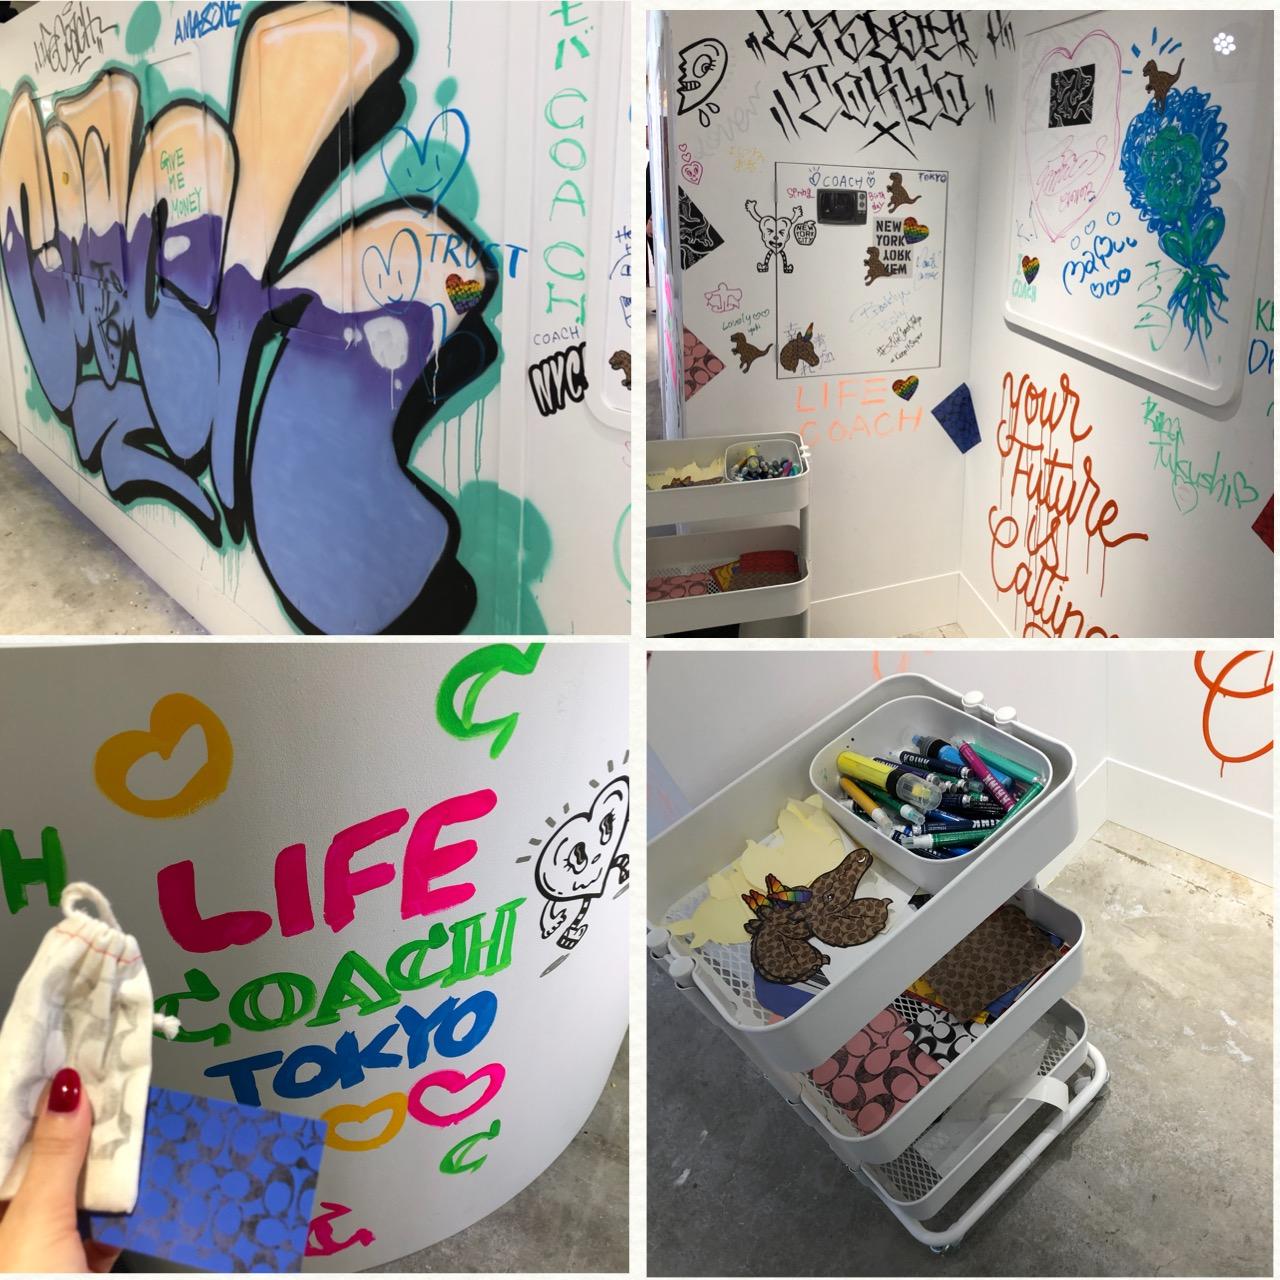 《#LIFECOACH東京》 3/16〜3/23まで開催中!COACH主催のインタラクティブな体験型イベントにいってきました♡ _2